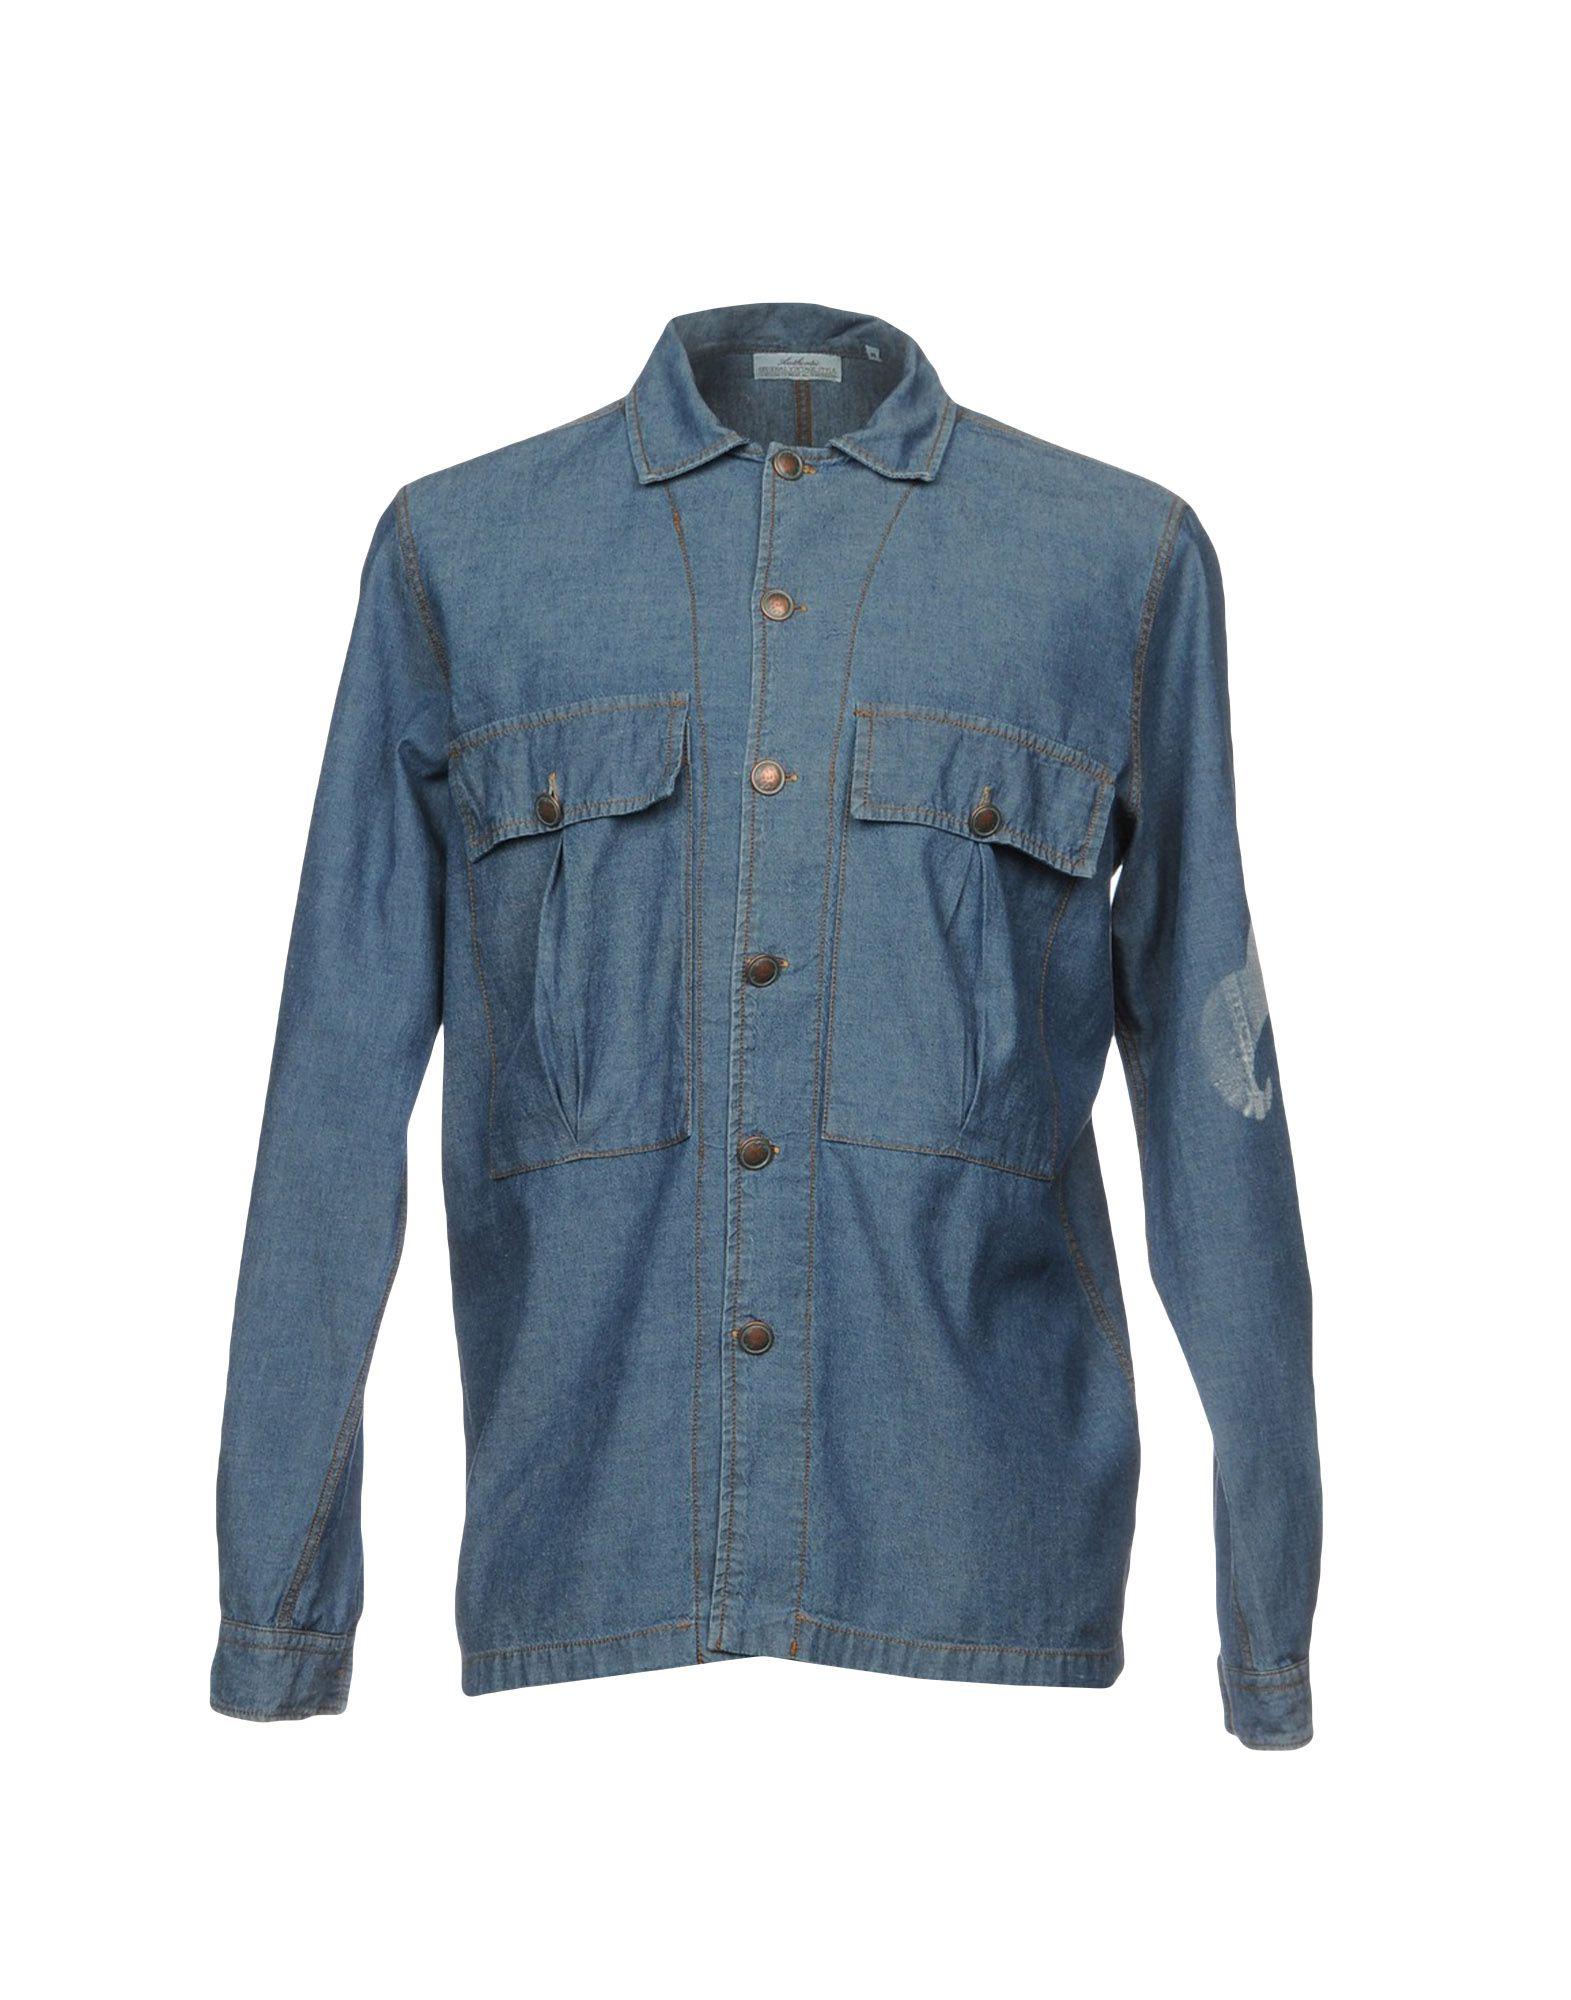 цена на AUTHENTIC ORIGINAL VINTAGE STYLE Джинсовая рубашка